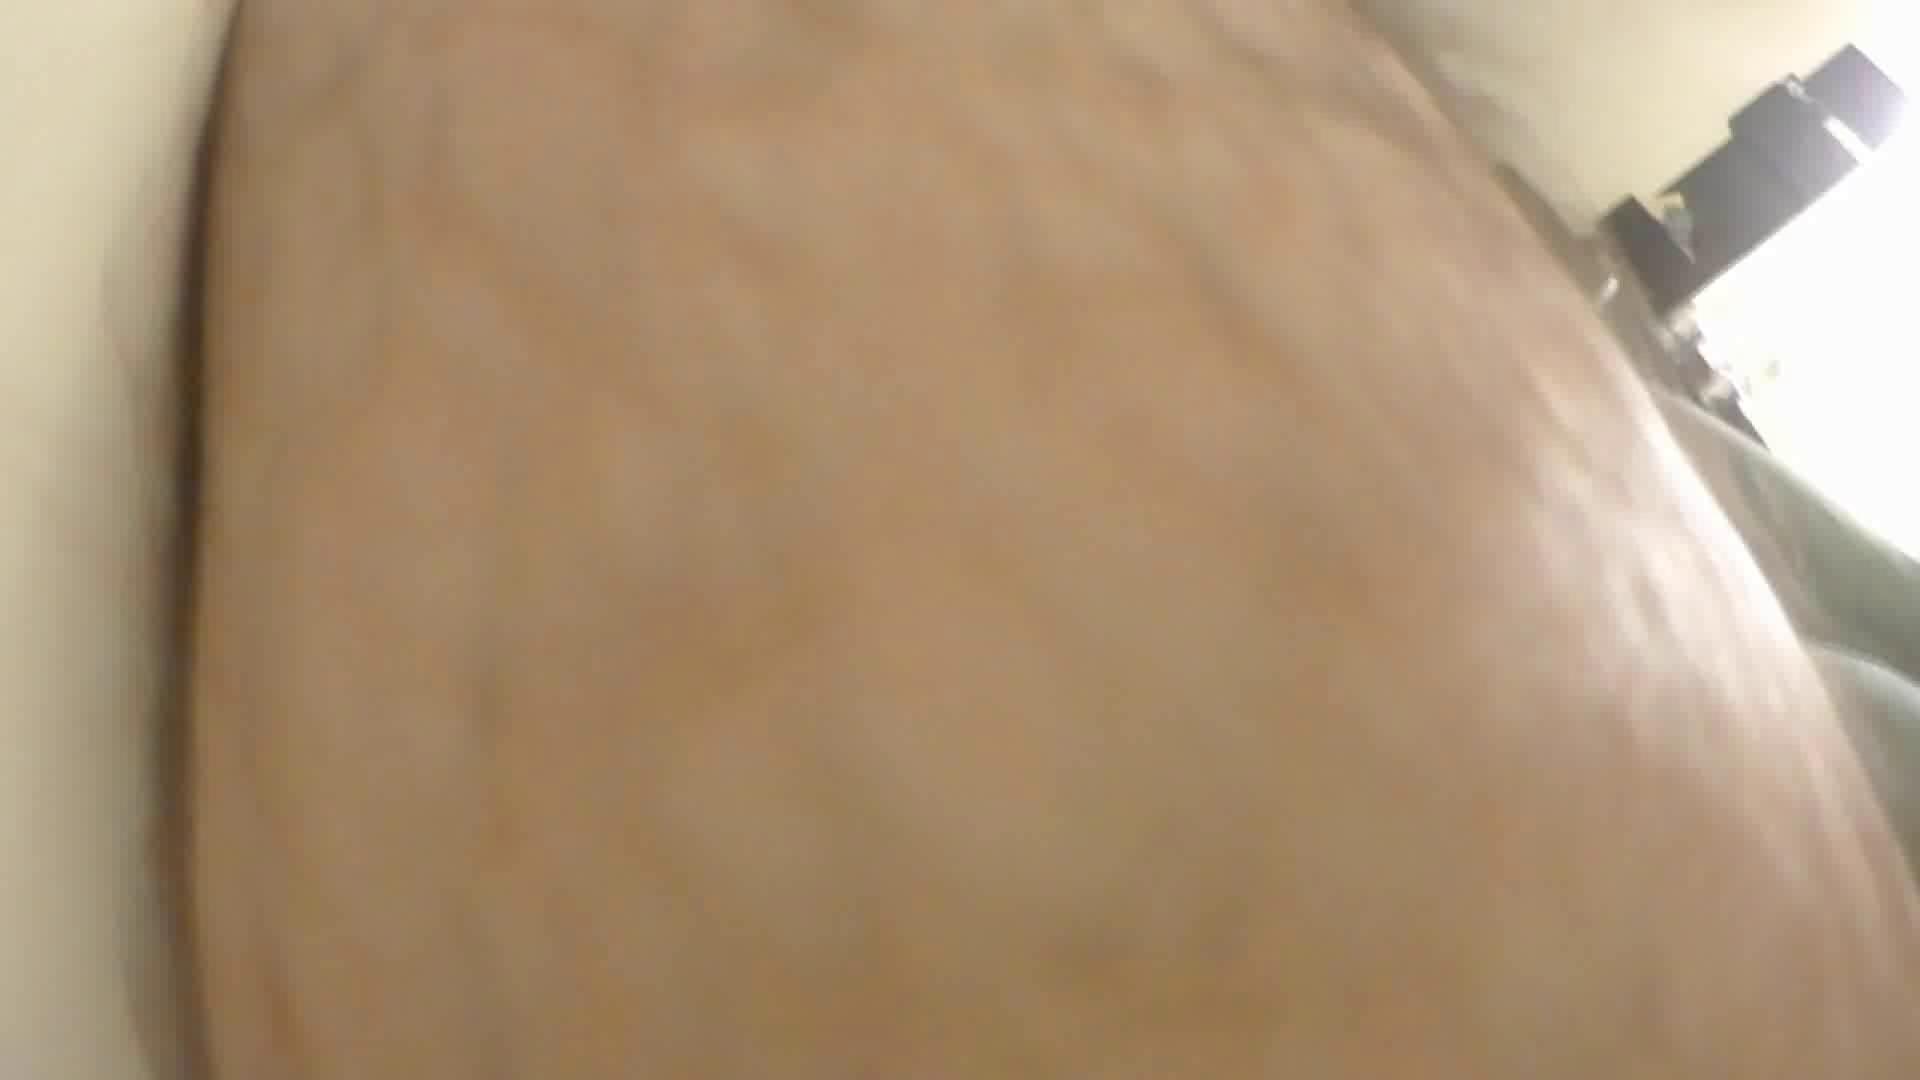 オナニーでほえろ なんじゃこりゃぁあ!!Vol.04 スリム美少年系ジャニ系  30pic 25